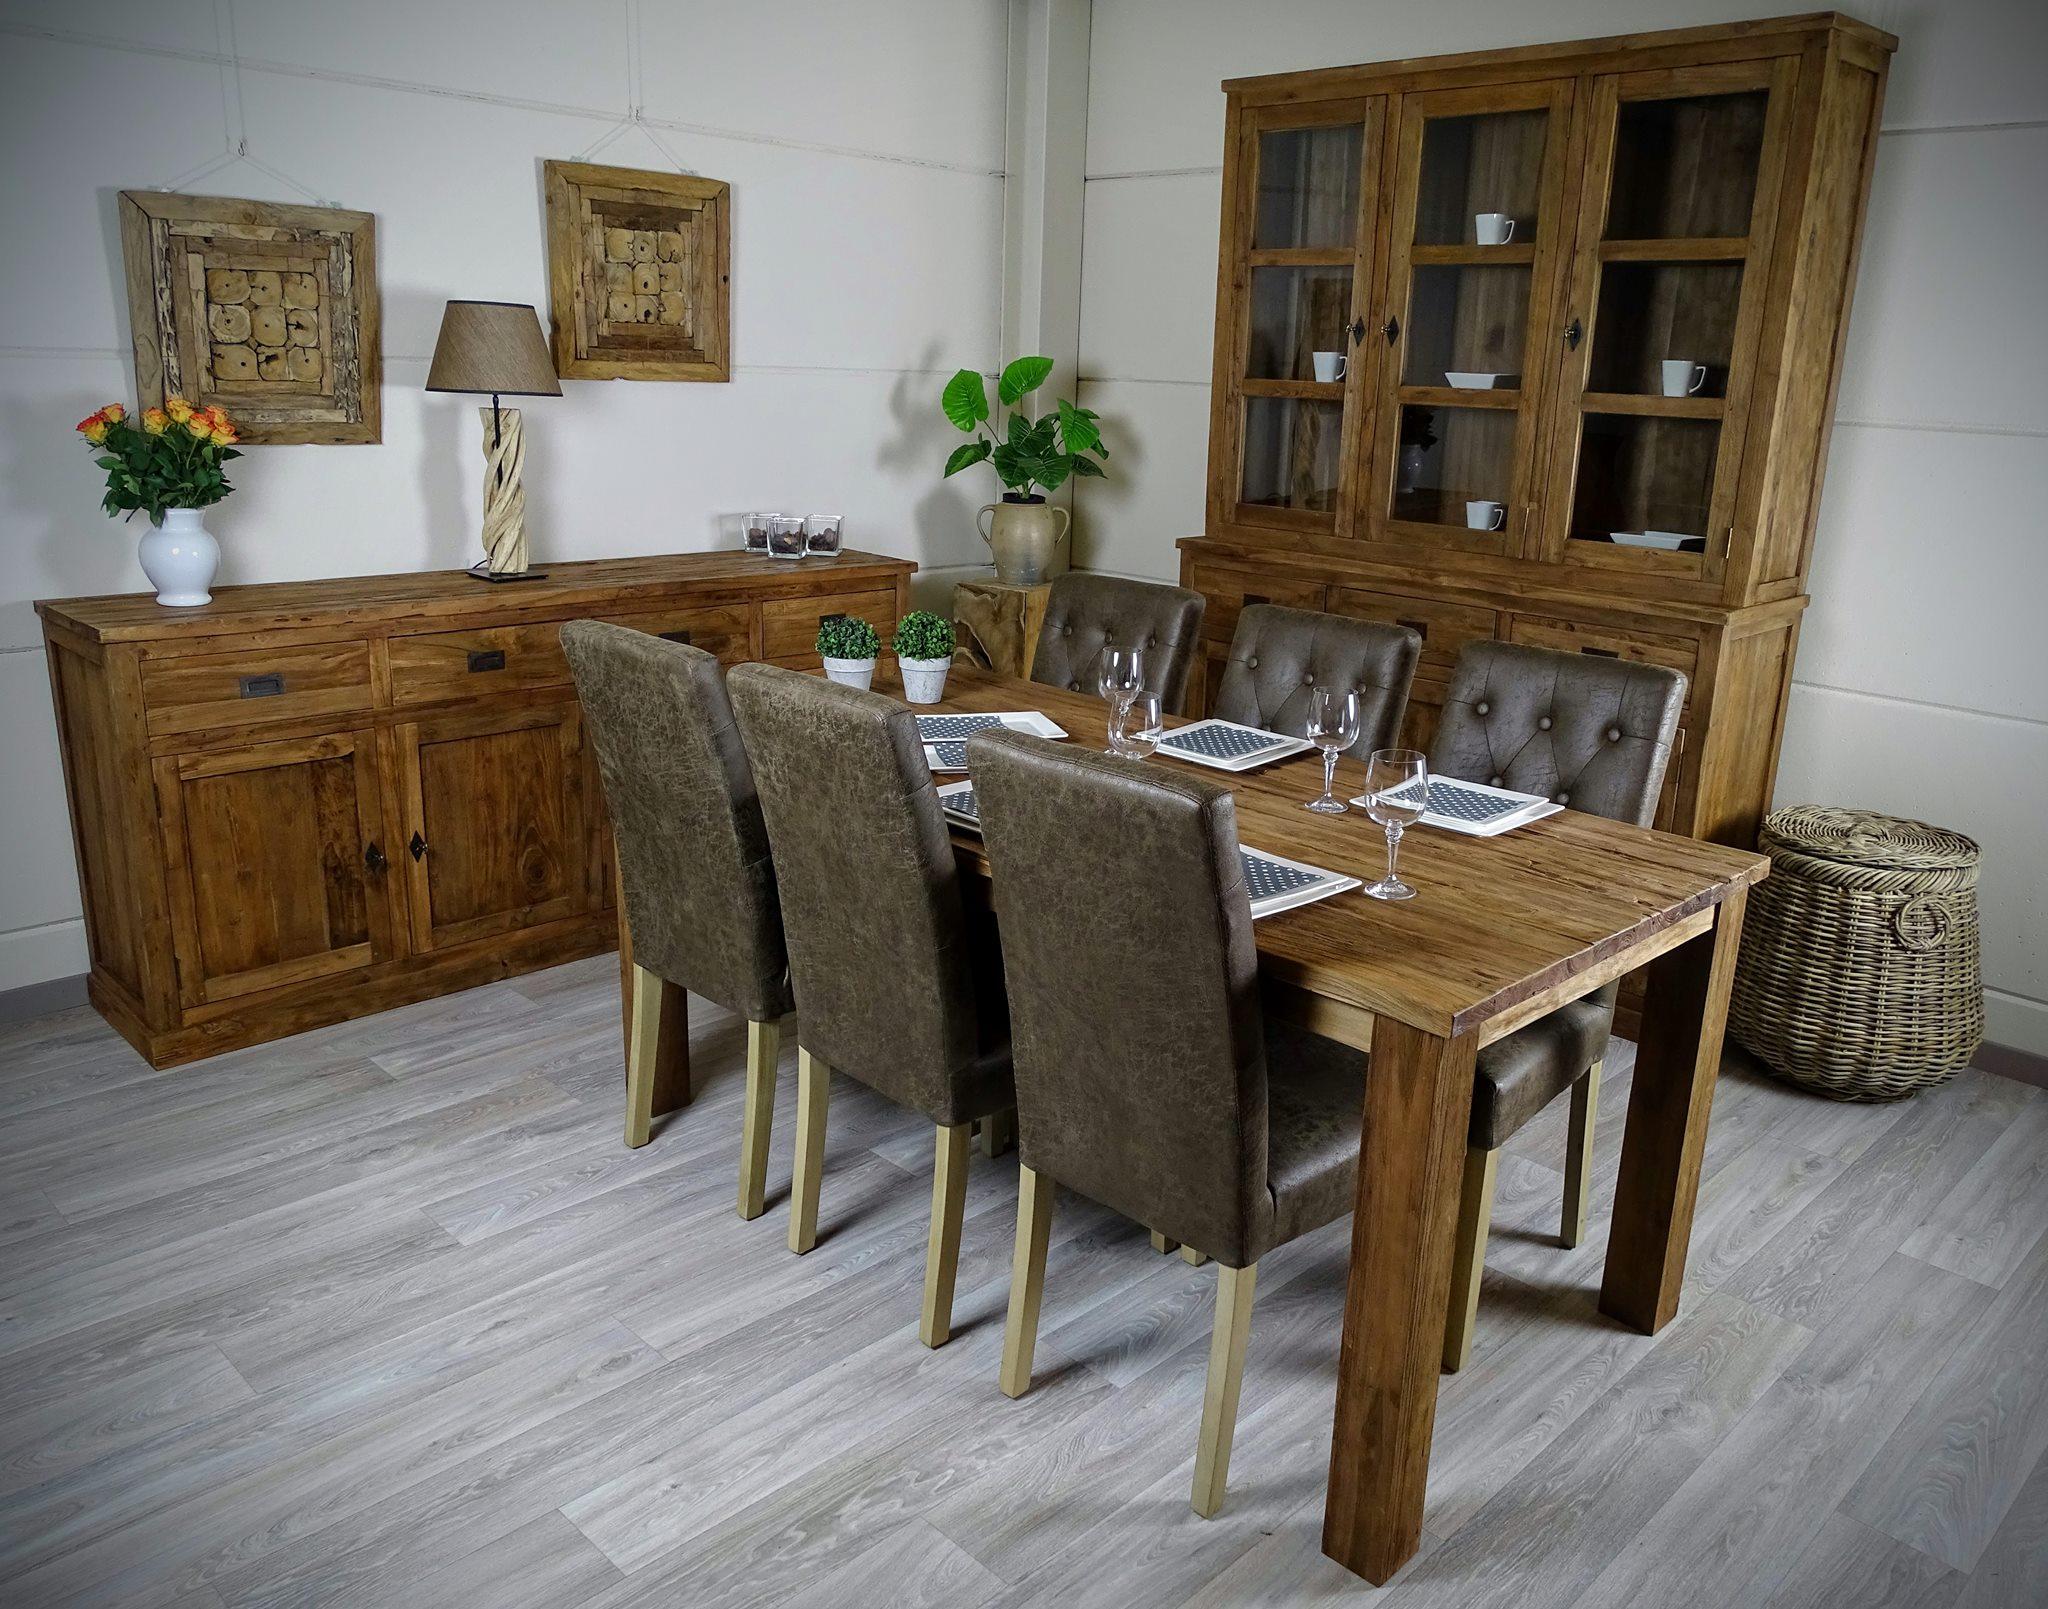 Charme Donkere Interieurs : Larix meubelen oude grenen voor een uniek interieur